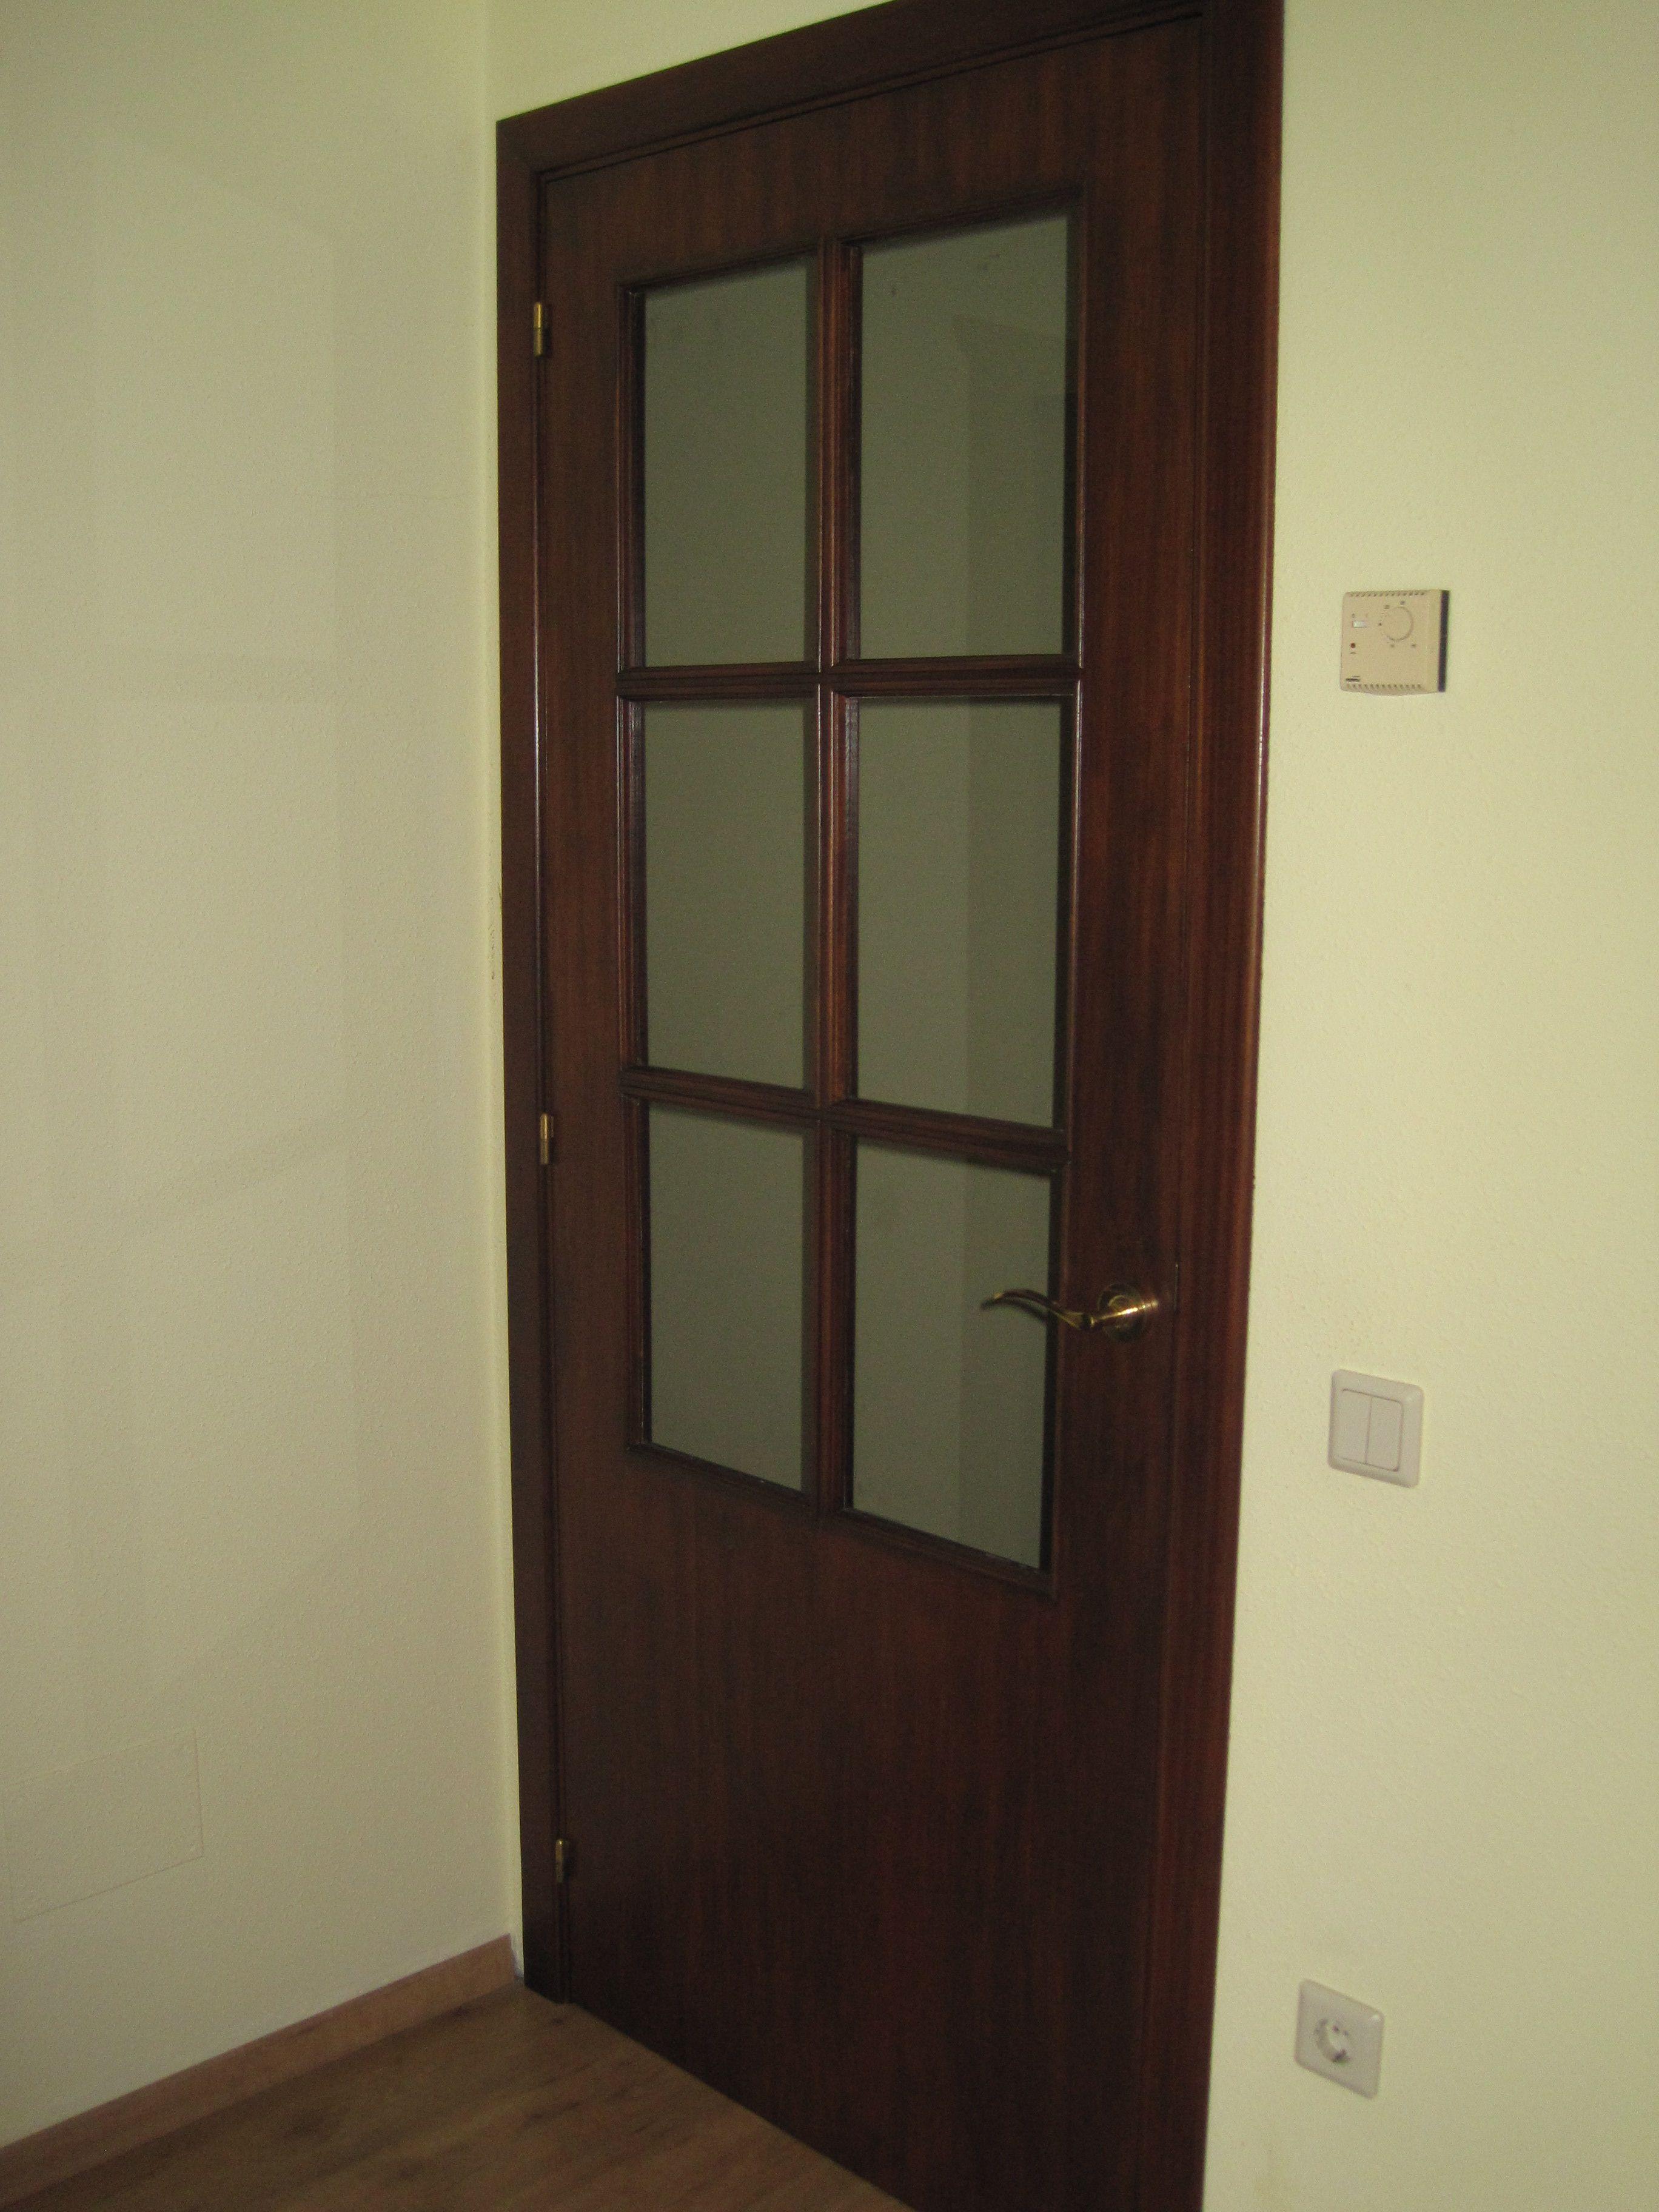 Puertas Después Tras Reparar Los Desconchones Darle Un Tono Nogal